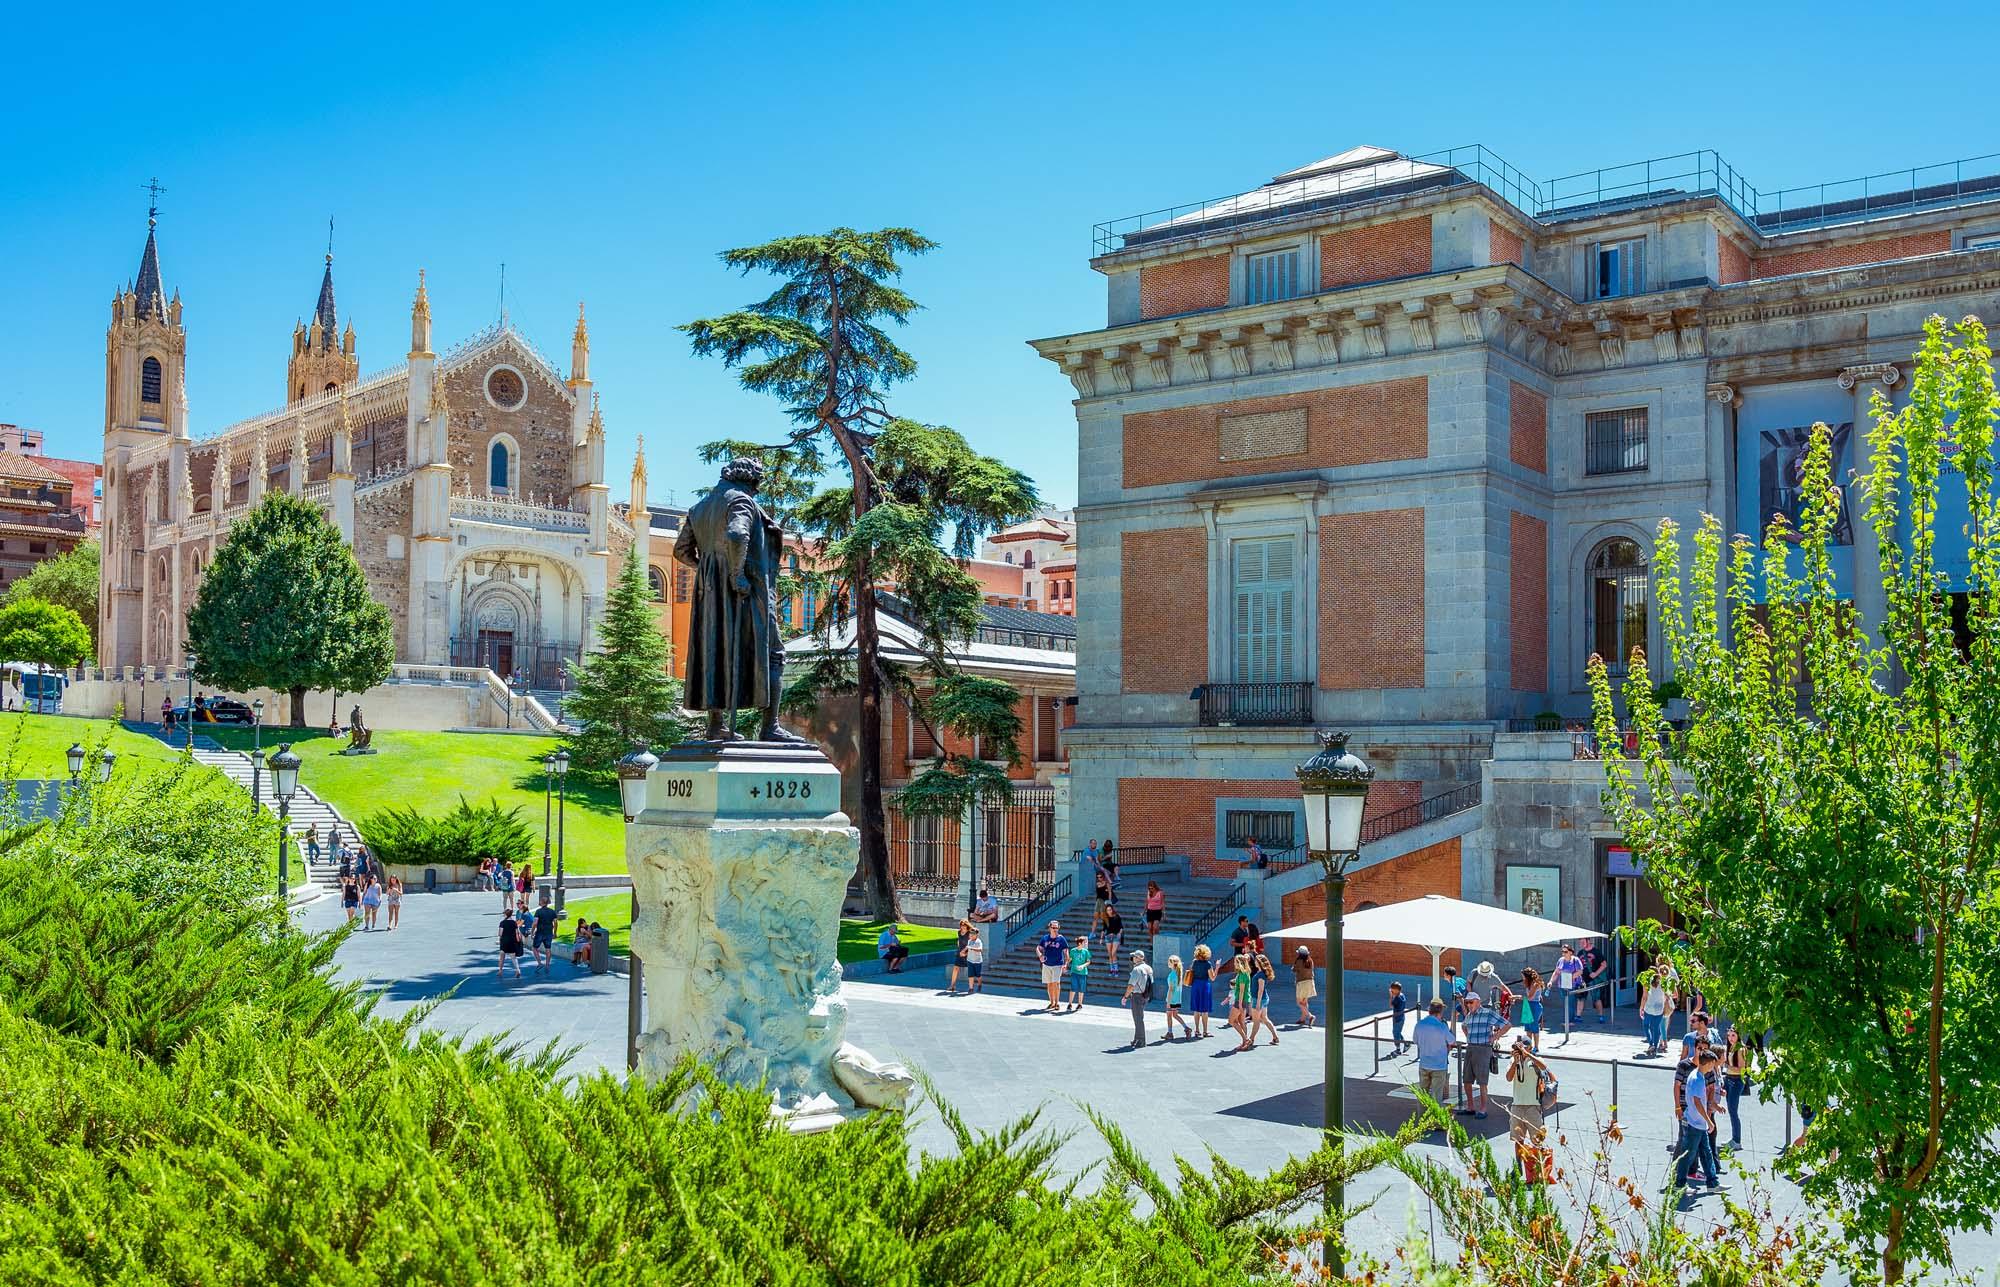 En 2019, el Museo del Prado cumple 200 años. Foto: Shutterstock.